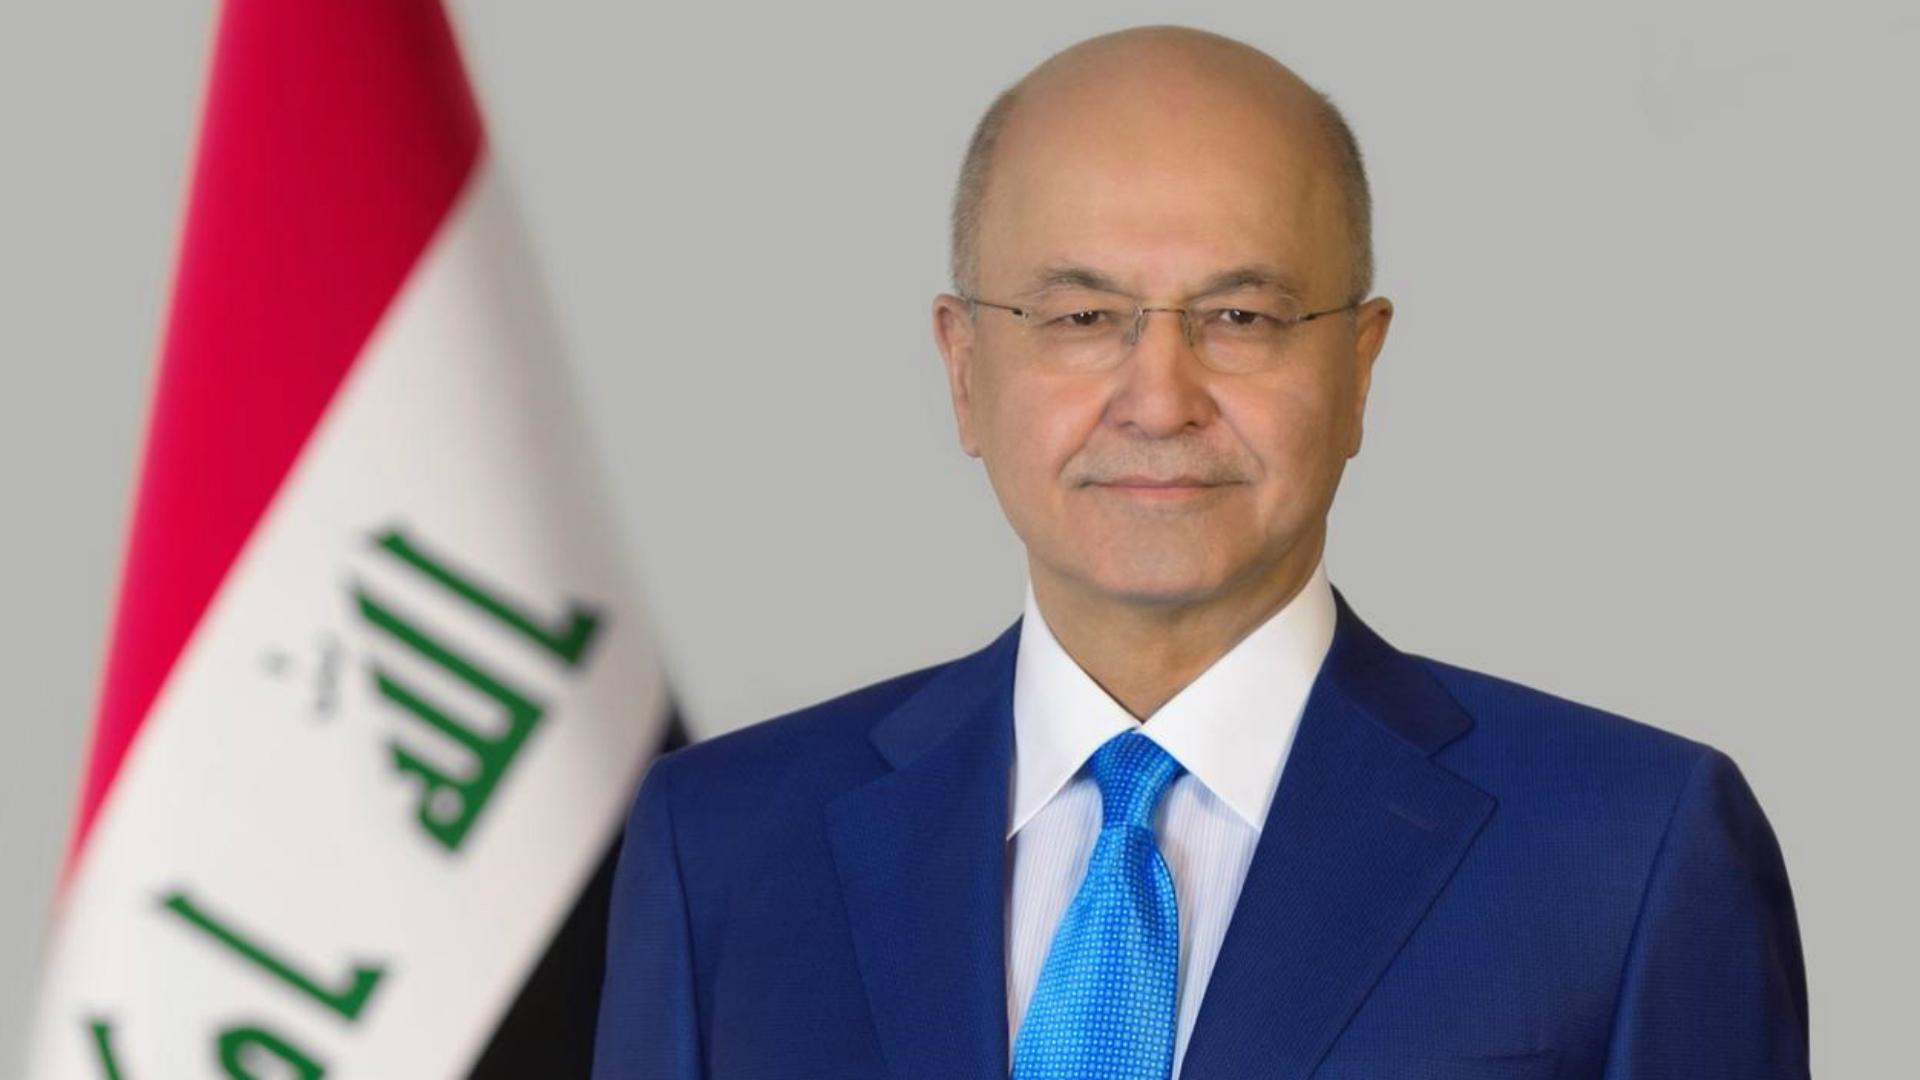 الرئيس يدعو البرلمان للإسراع في إقرار قانون الناجيات الأيزيديات